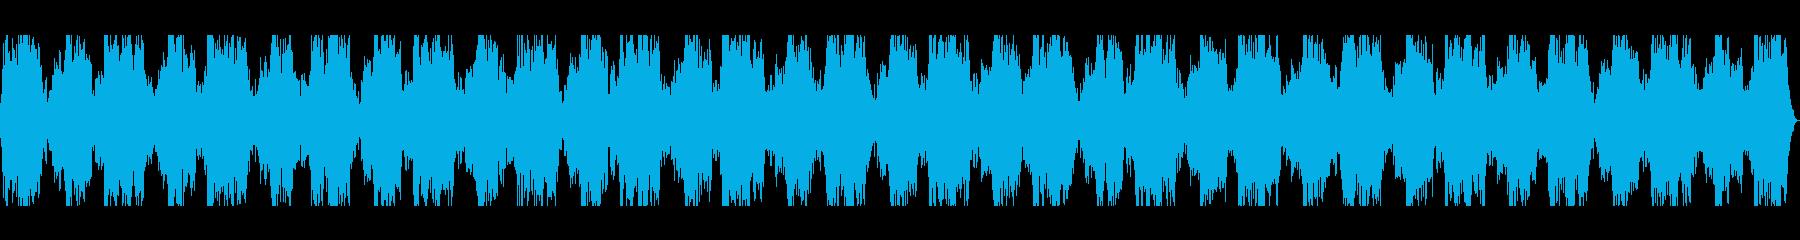 長めで深いヒーリングミュージック・ヨガ用の再生済みの波形